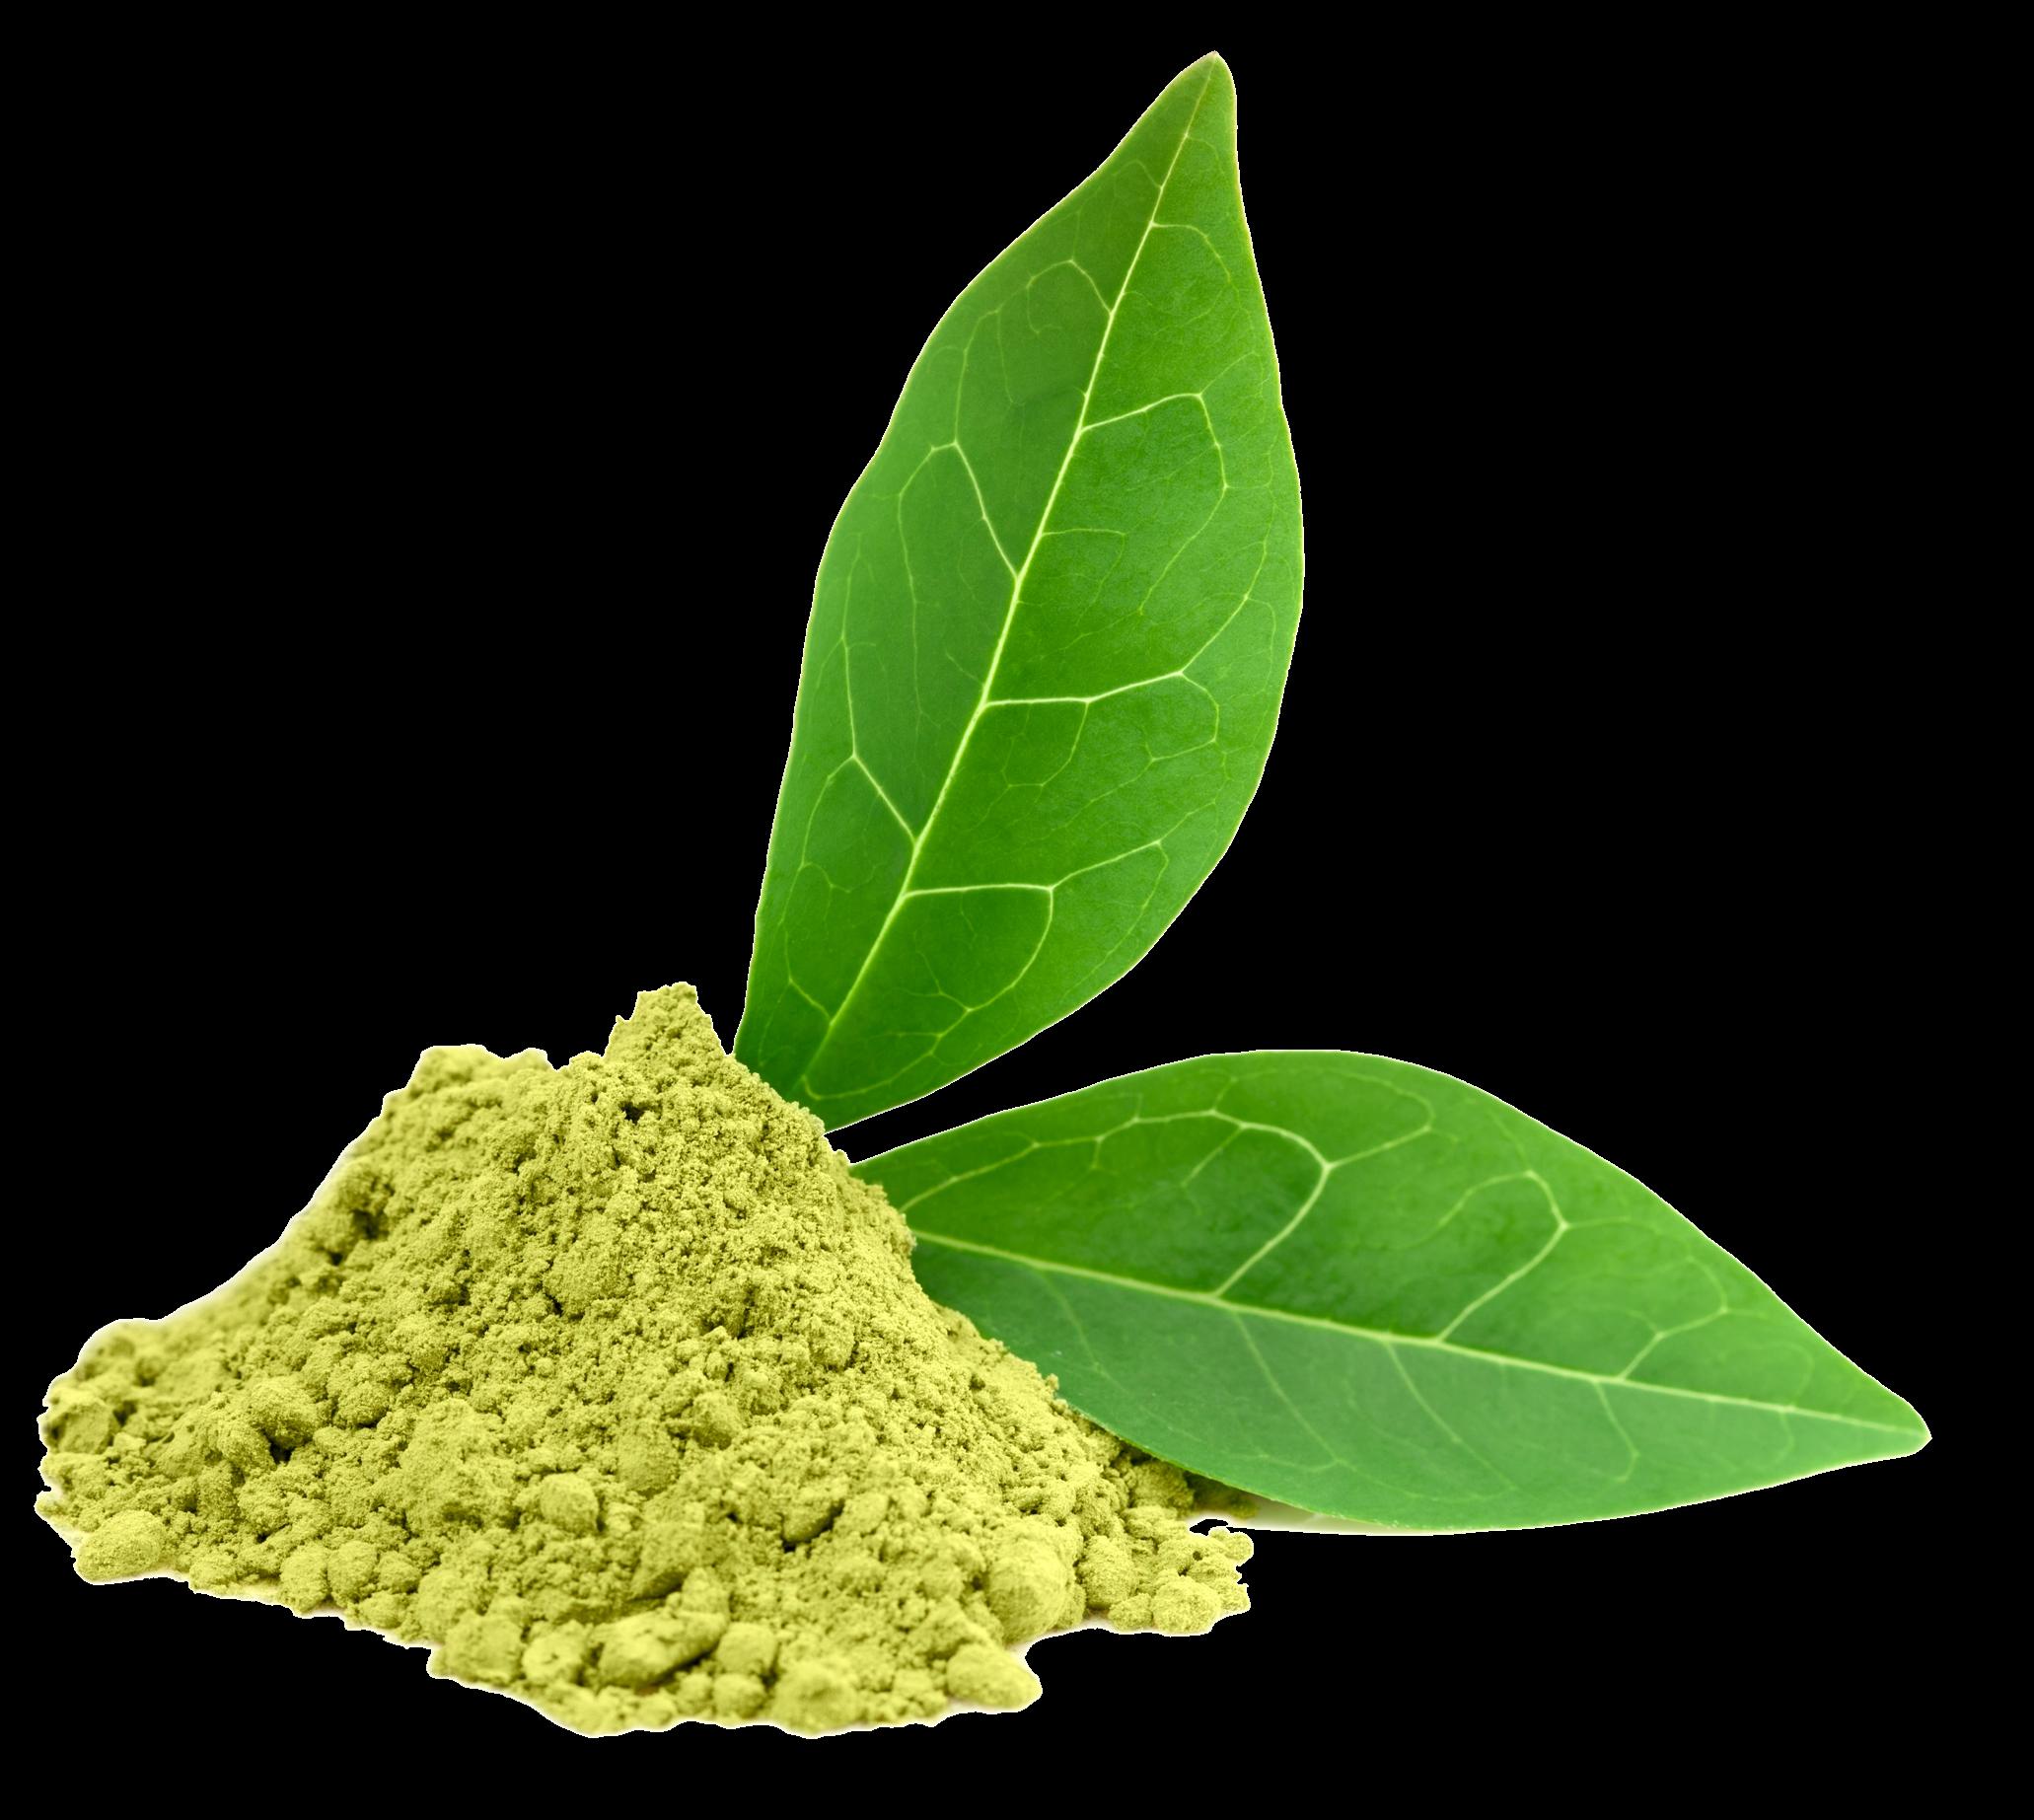 Hq png transparent images. Clipart leaves green tea leaf